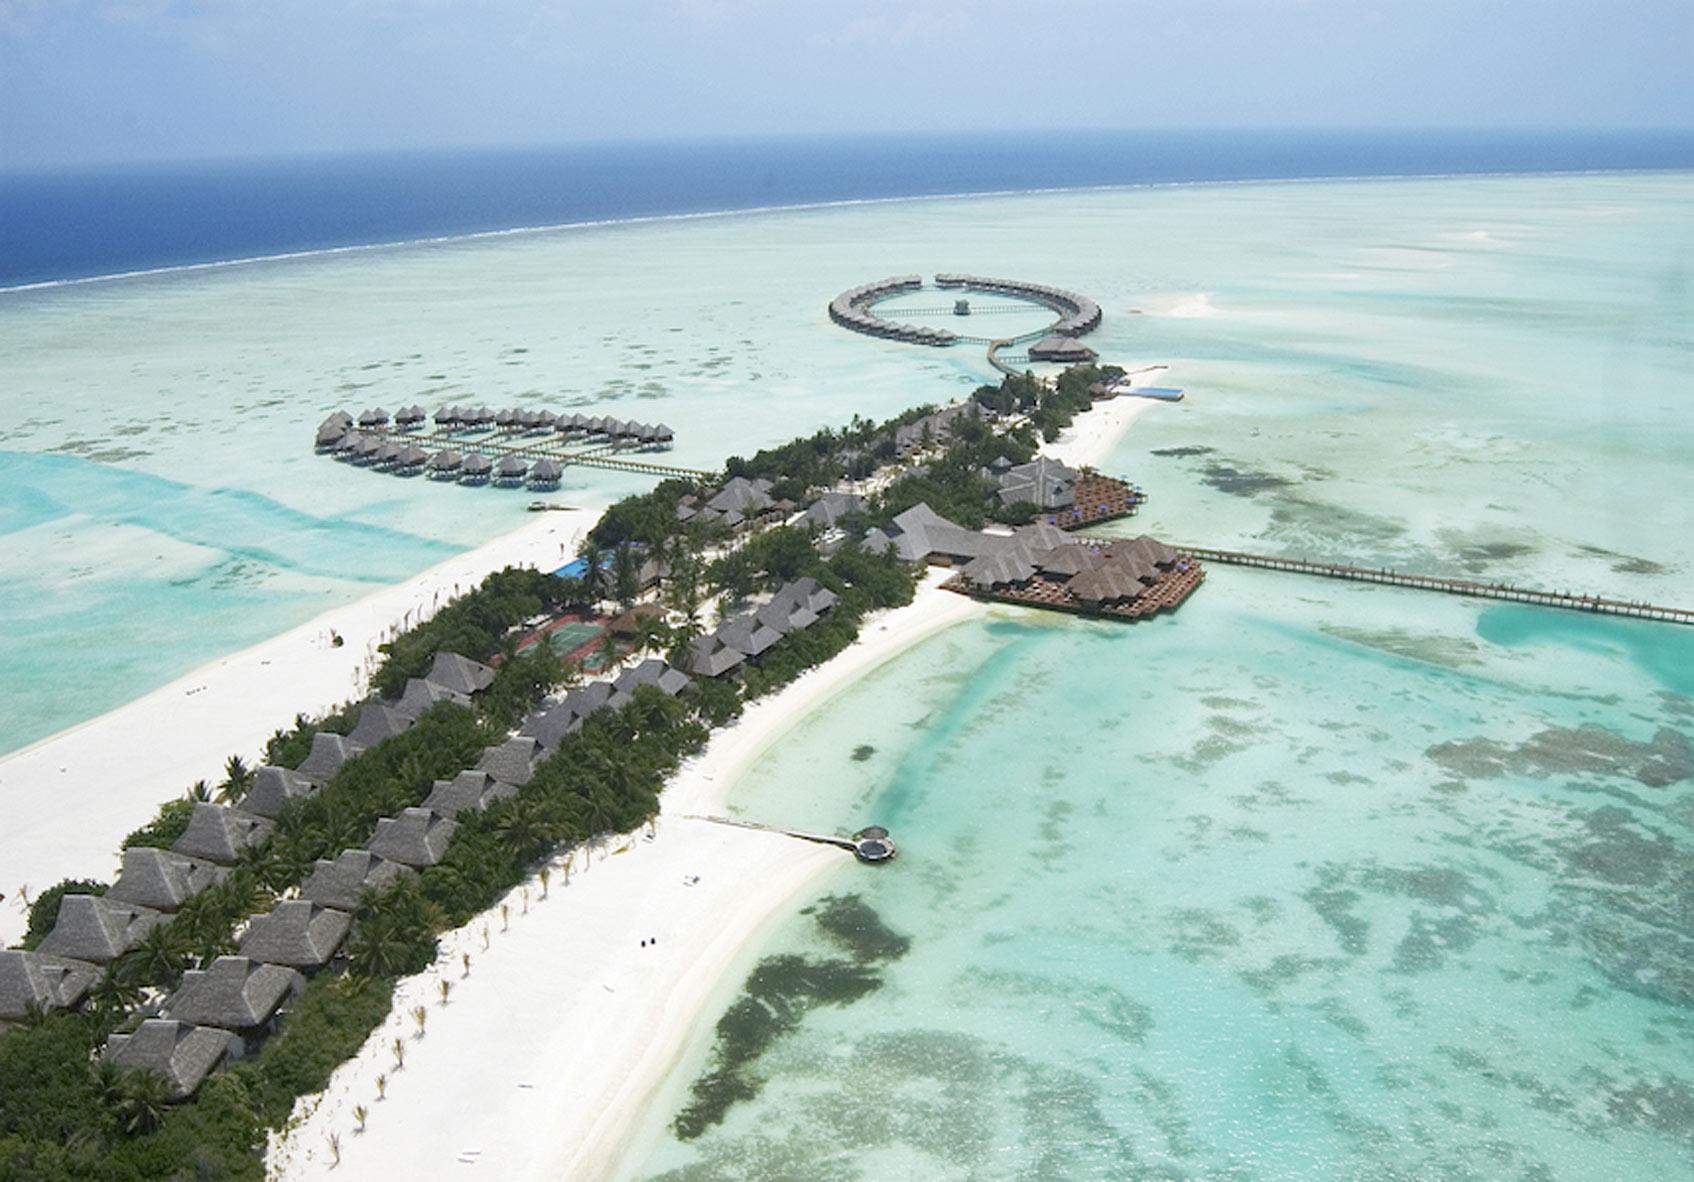 оставшиеся туристы улетели с Мальдив